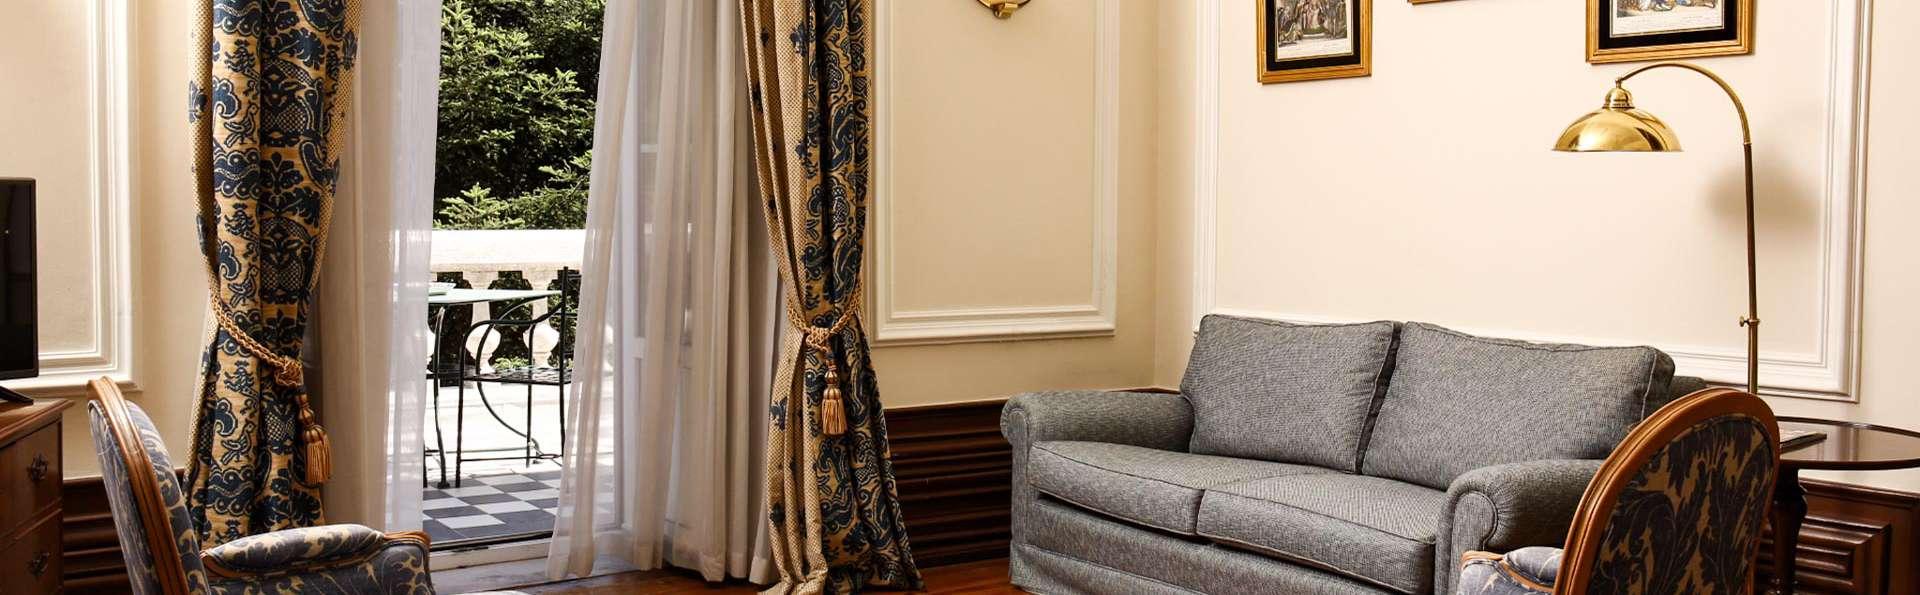 Quinta das Lágrimas Palace  - EDIT_SUITE_03.jpg